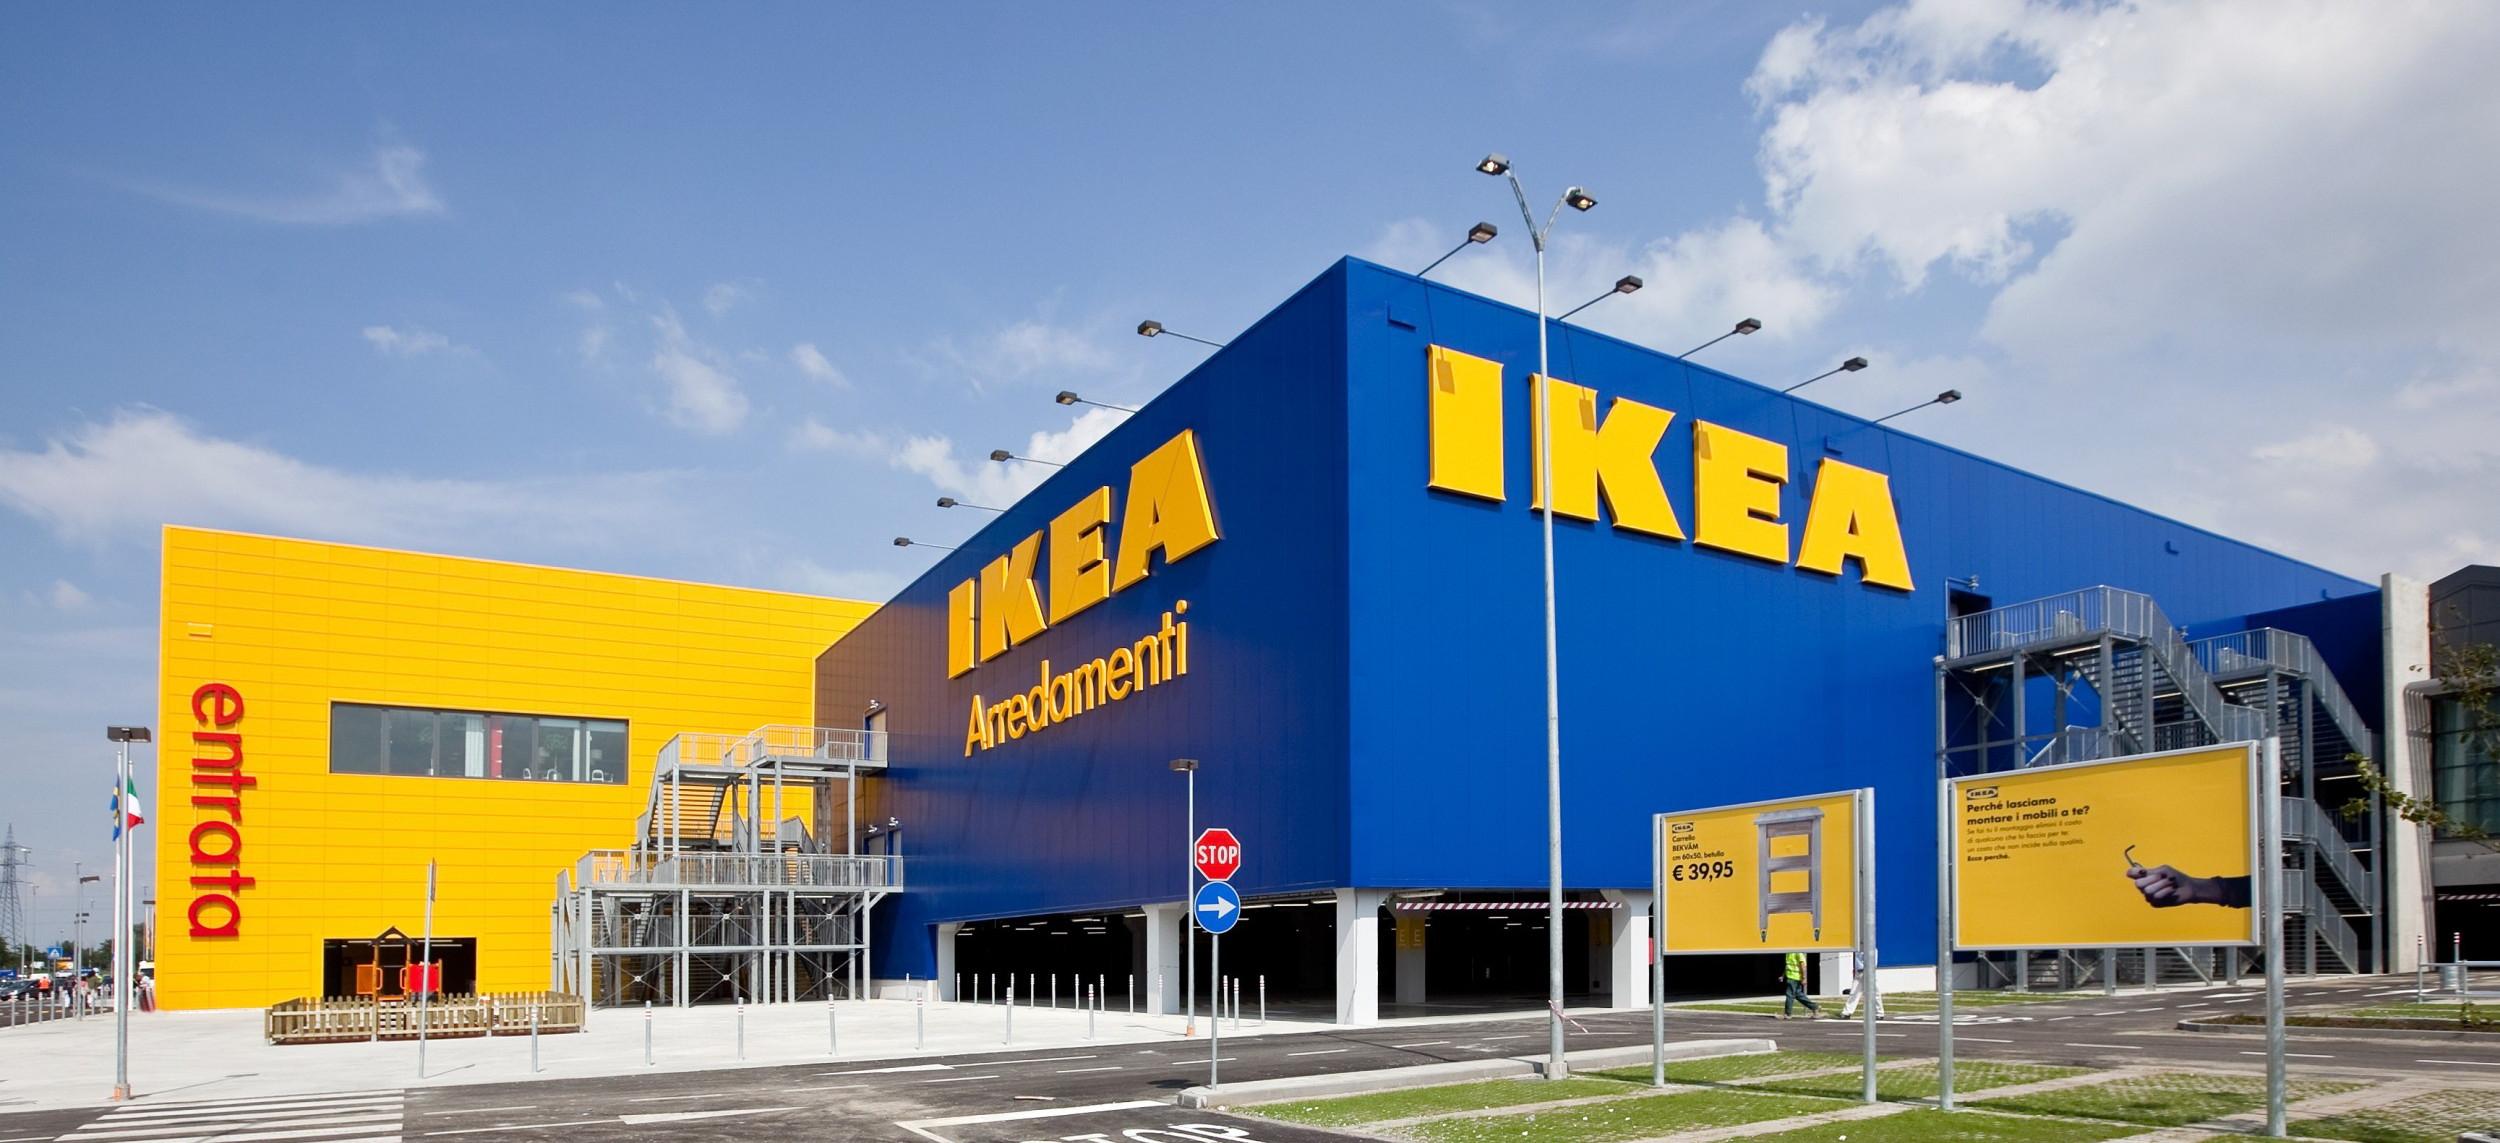 De IKEA als relatietest